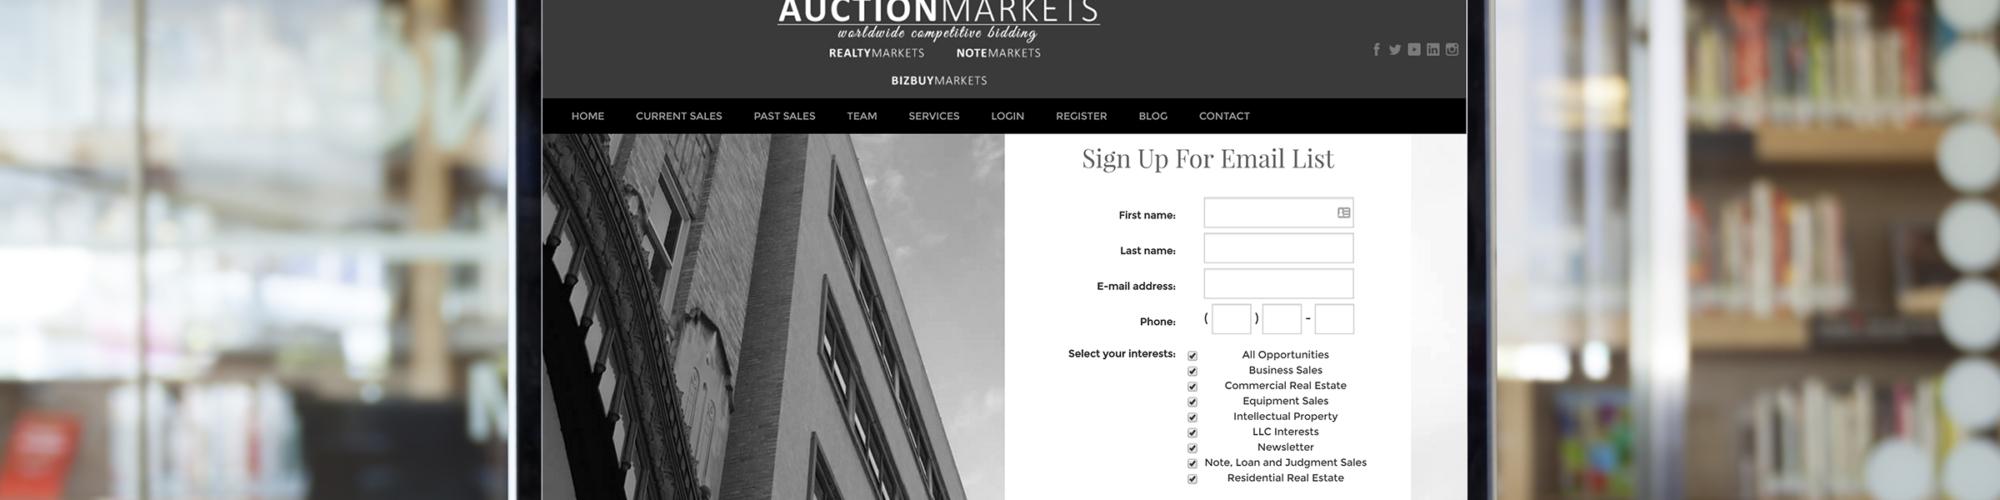 Auction Markets